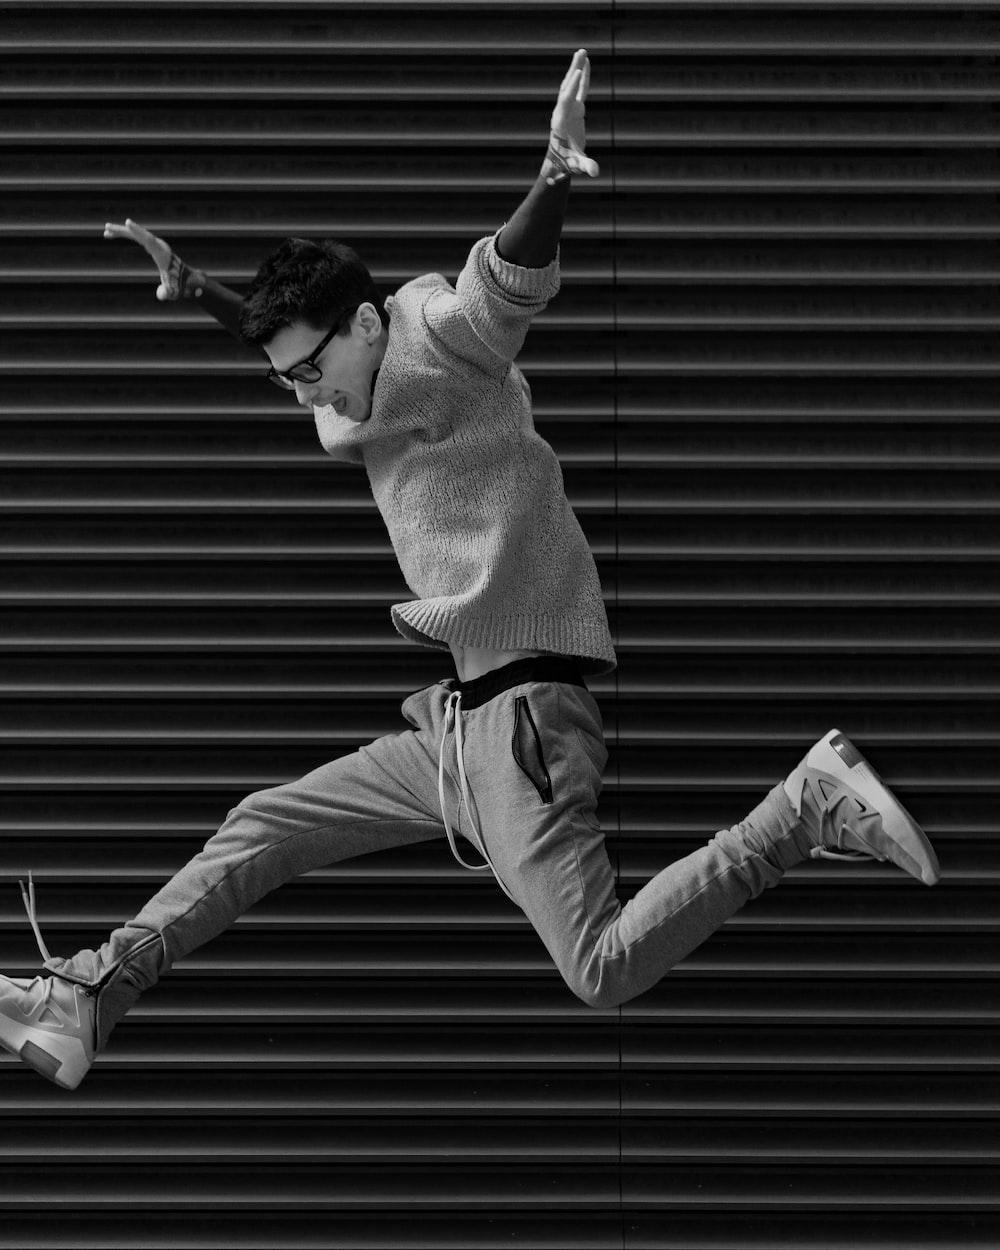 ジャンプする人のグレースケール写真